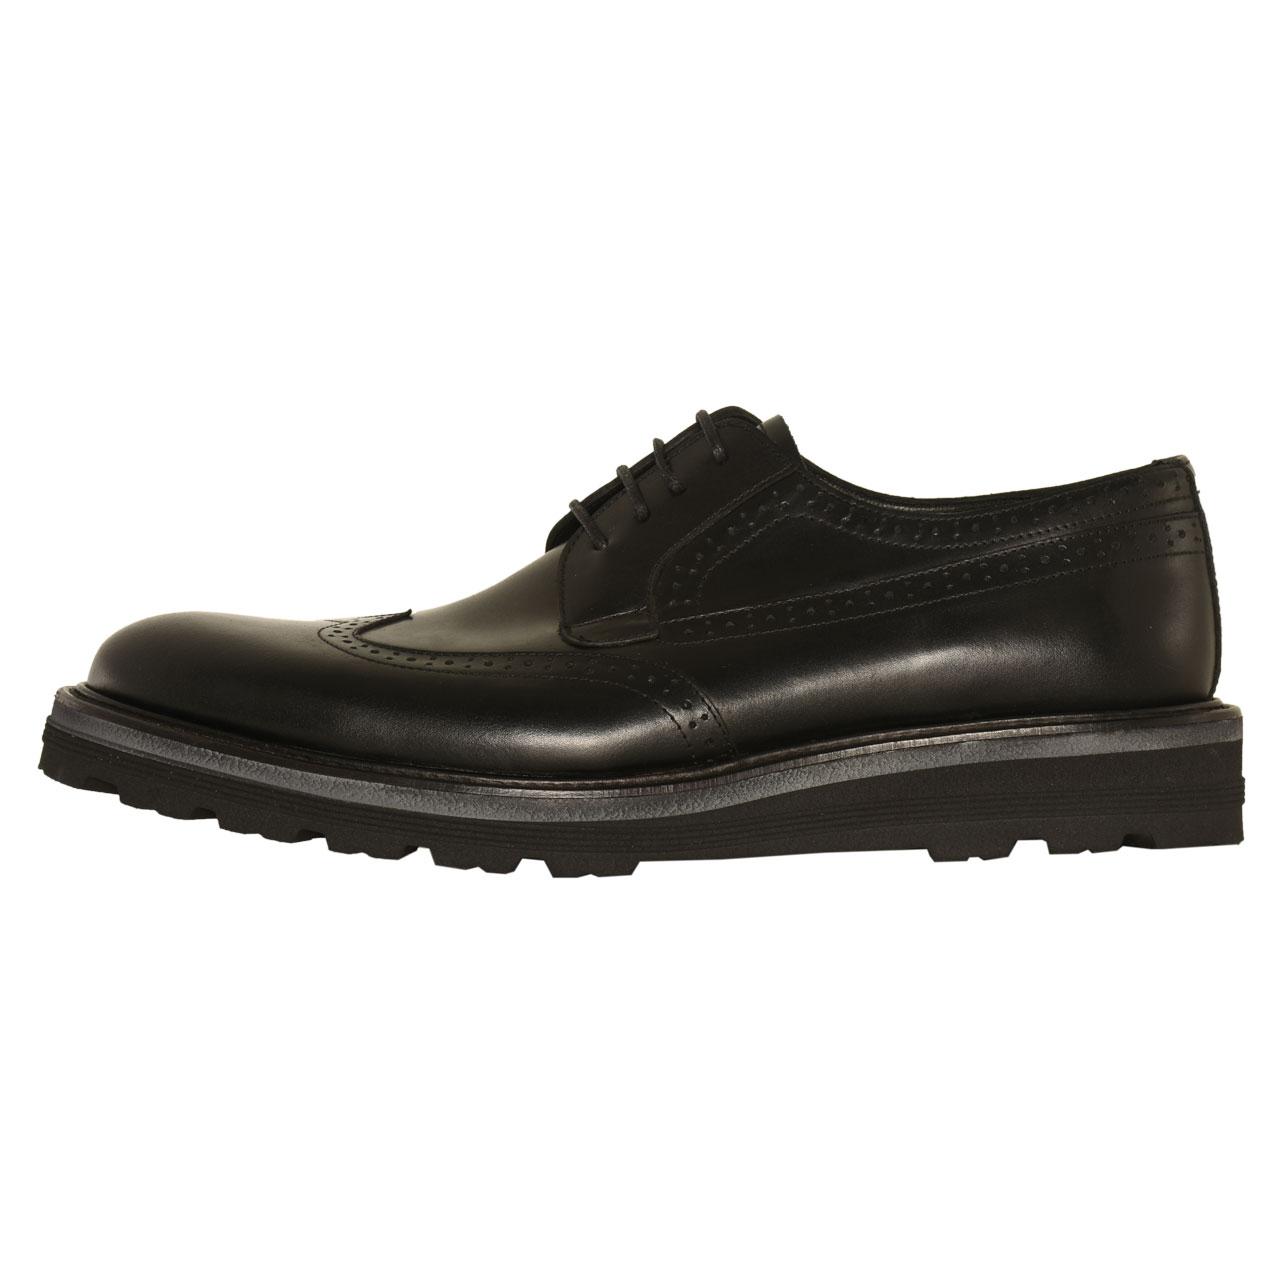 کفش مردانه کهن چرم مدل SHO115